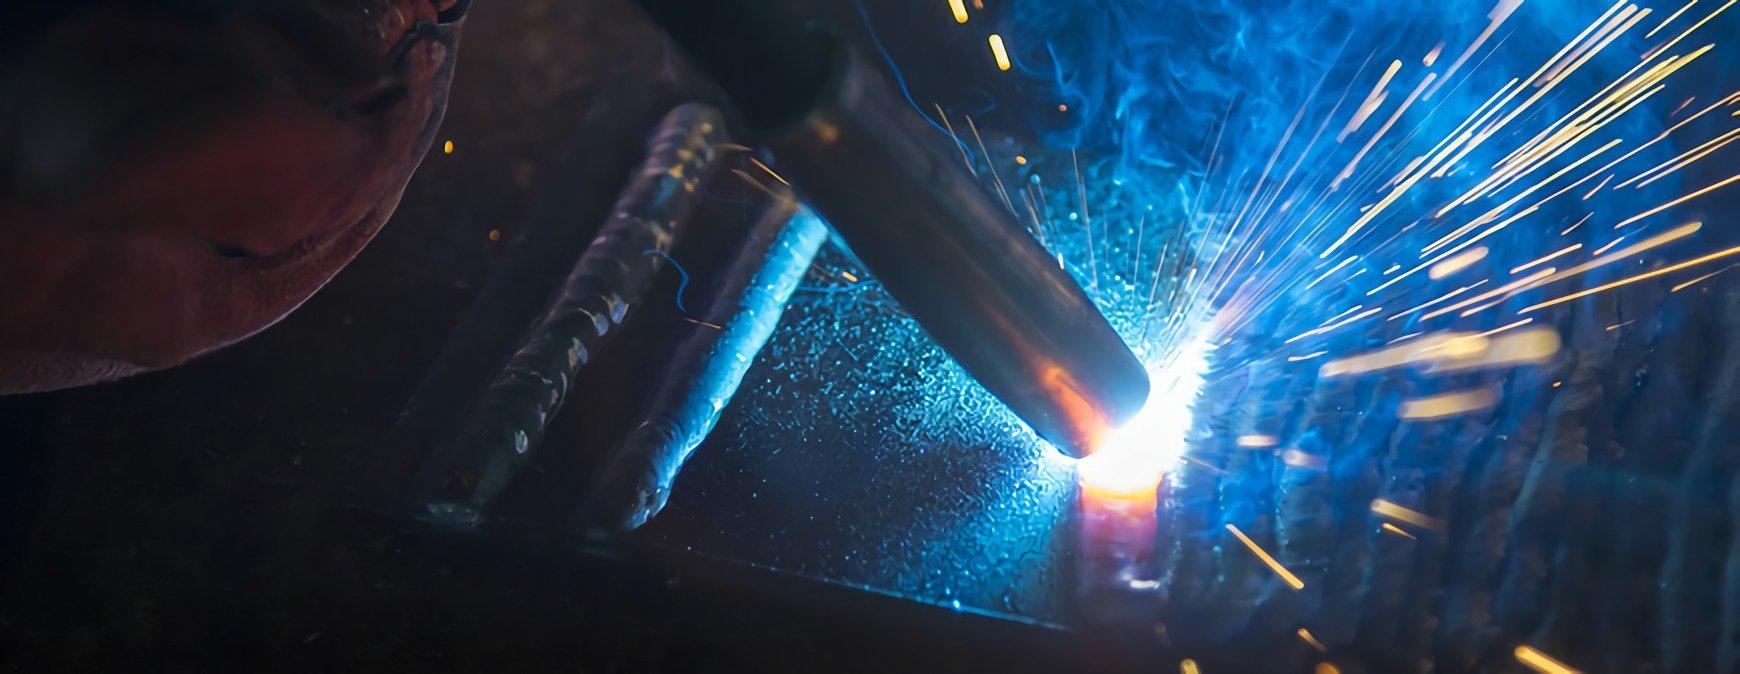 welding metal closeup